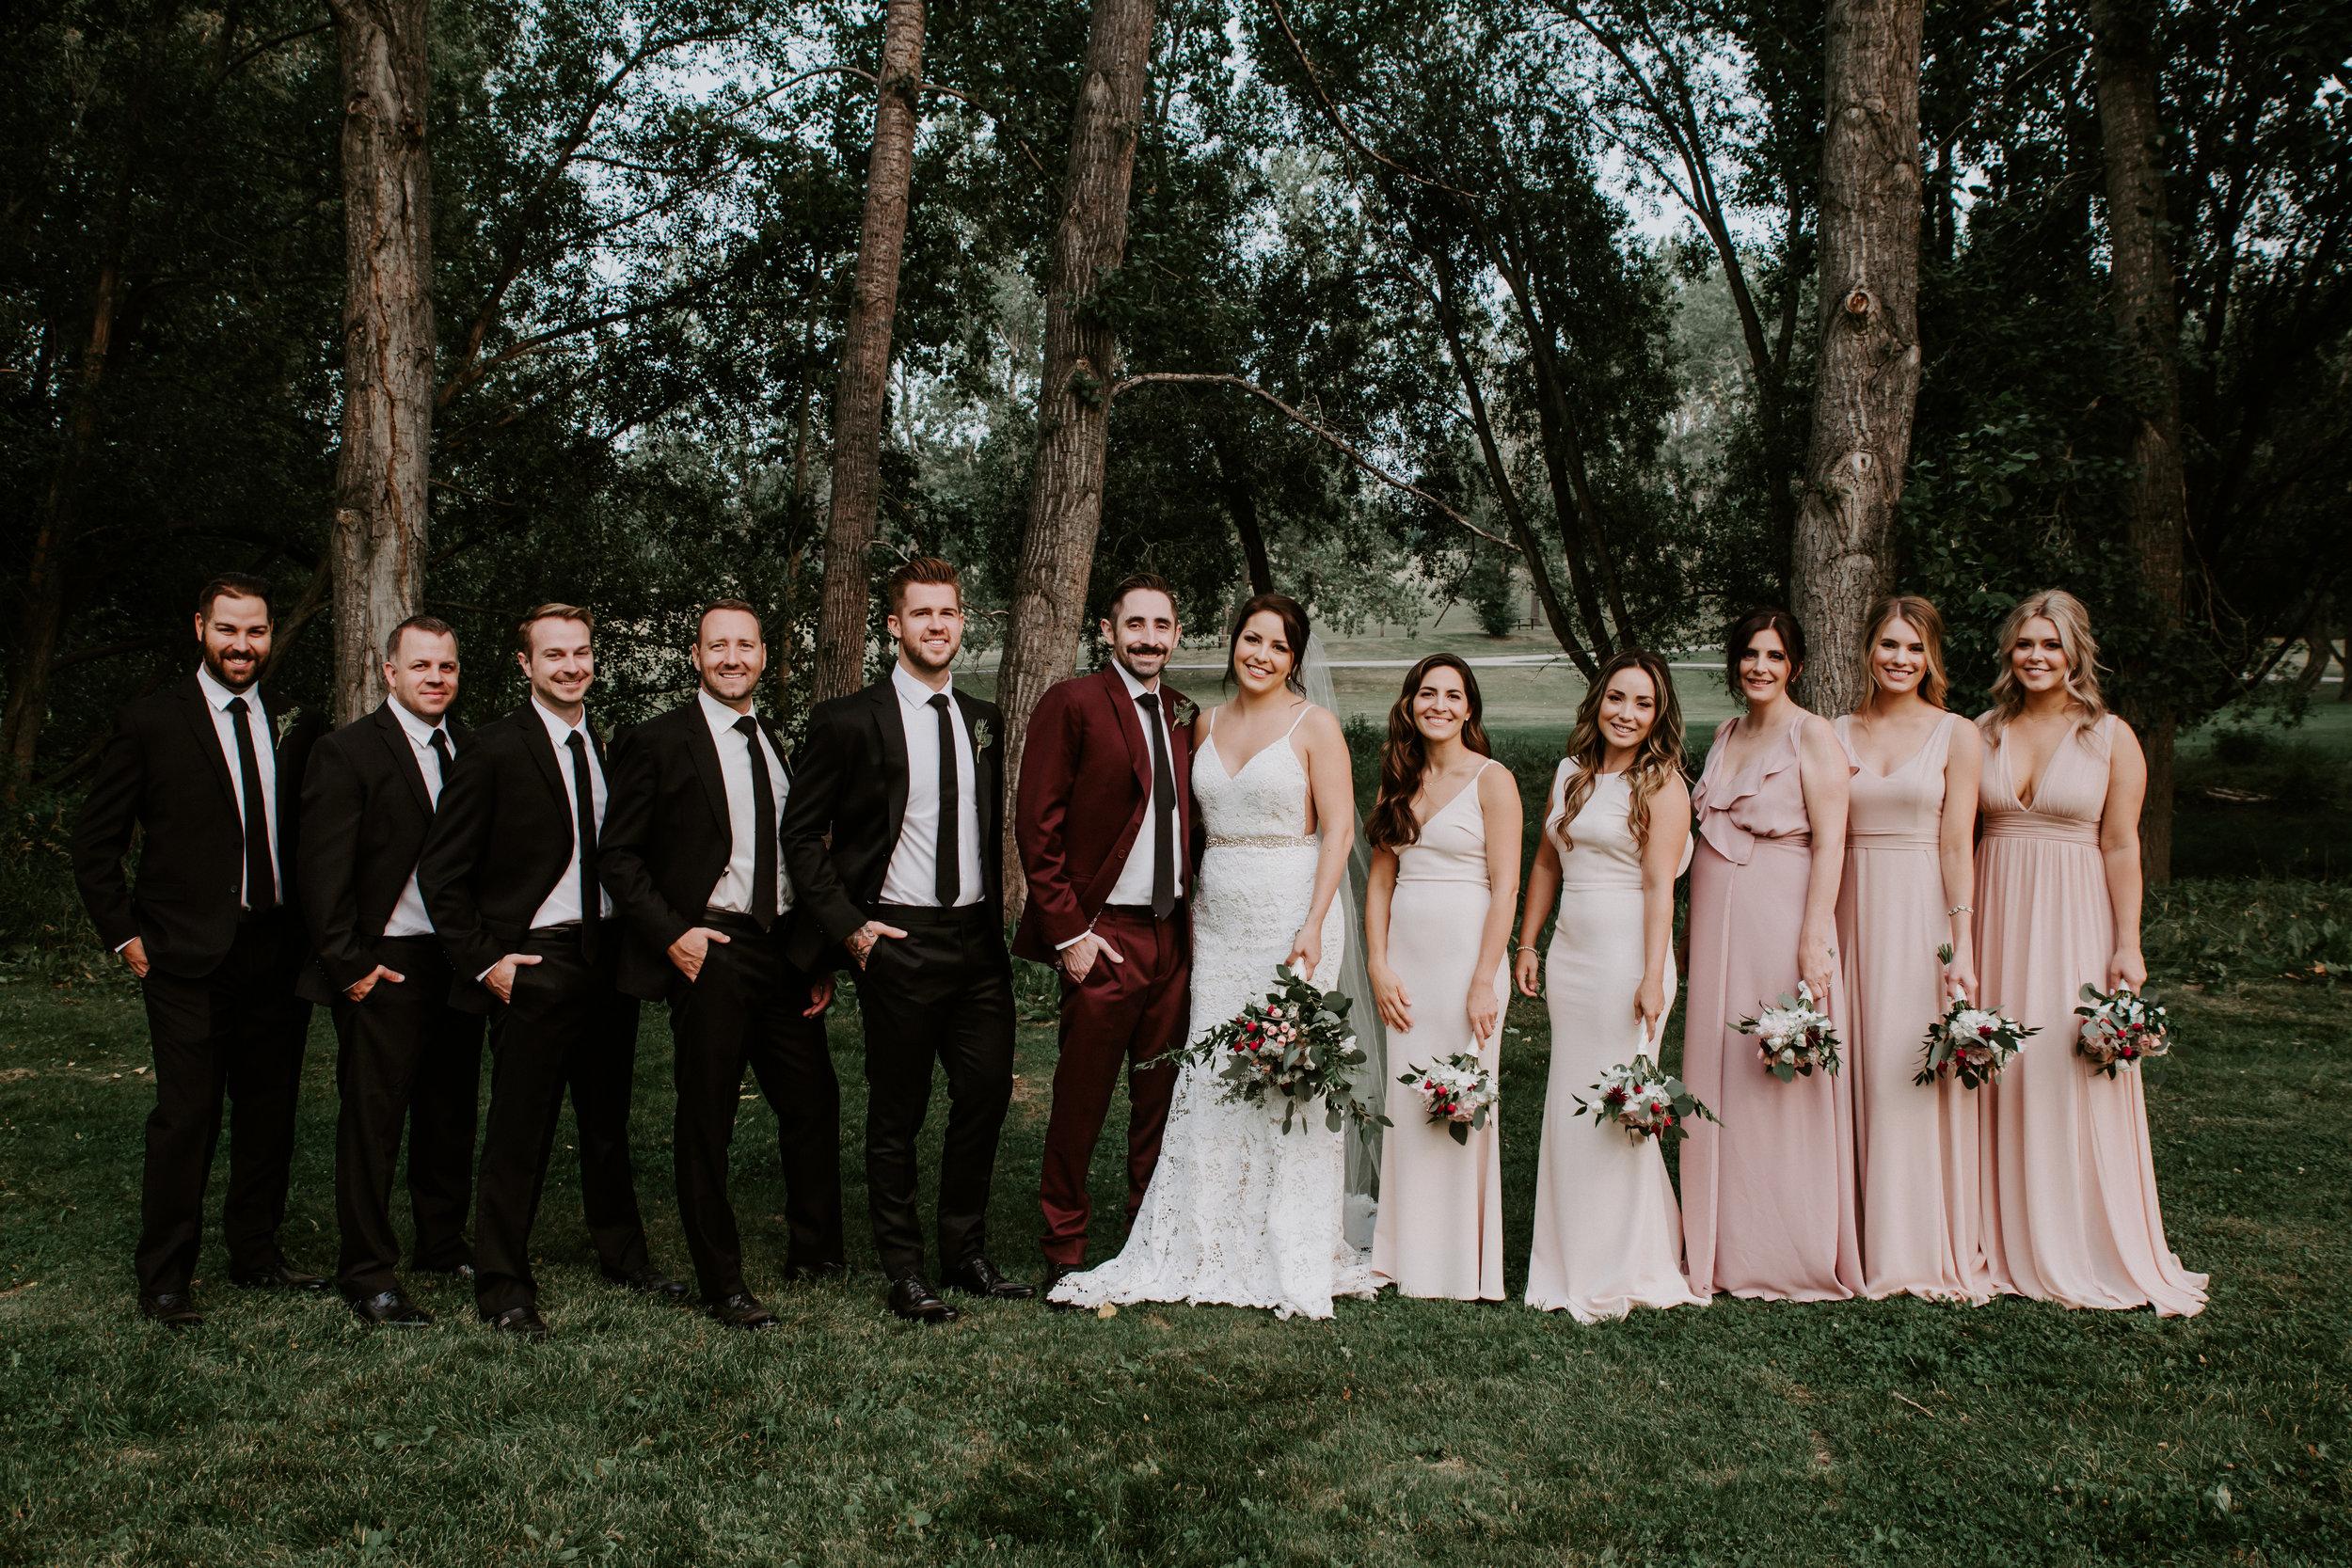 Calgary Wedding Photographer - 39 of 84.jpg